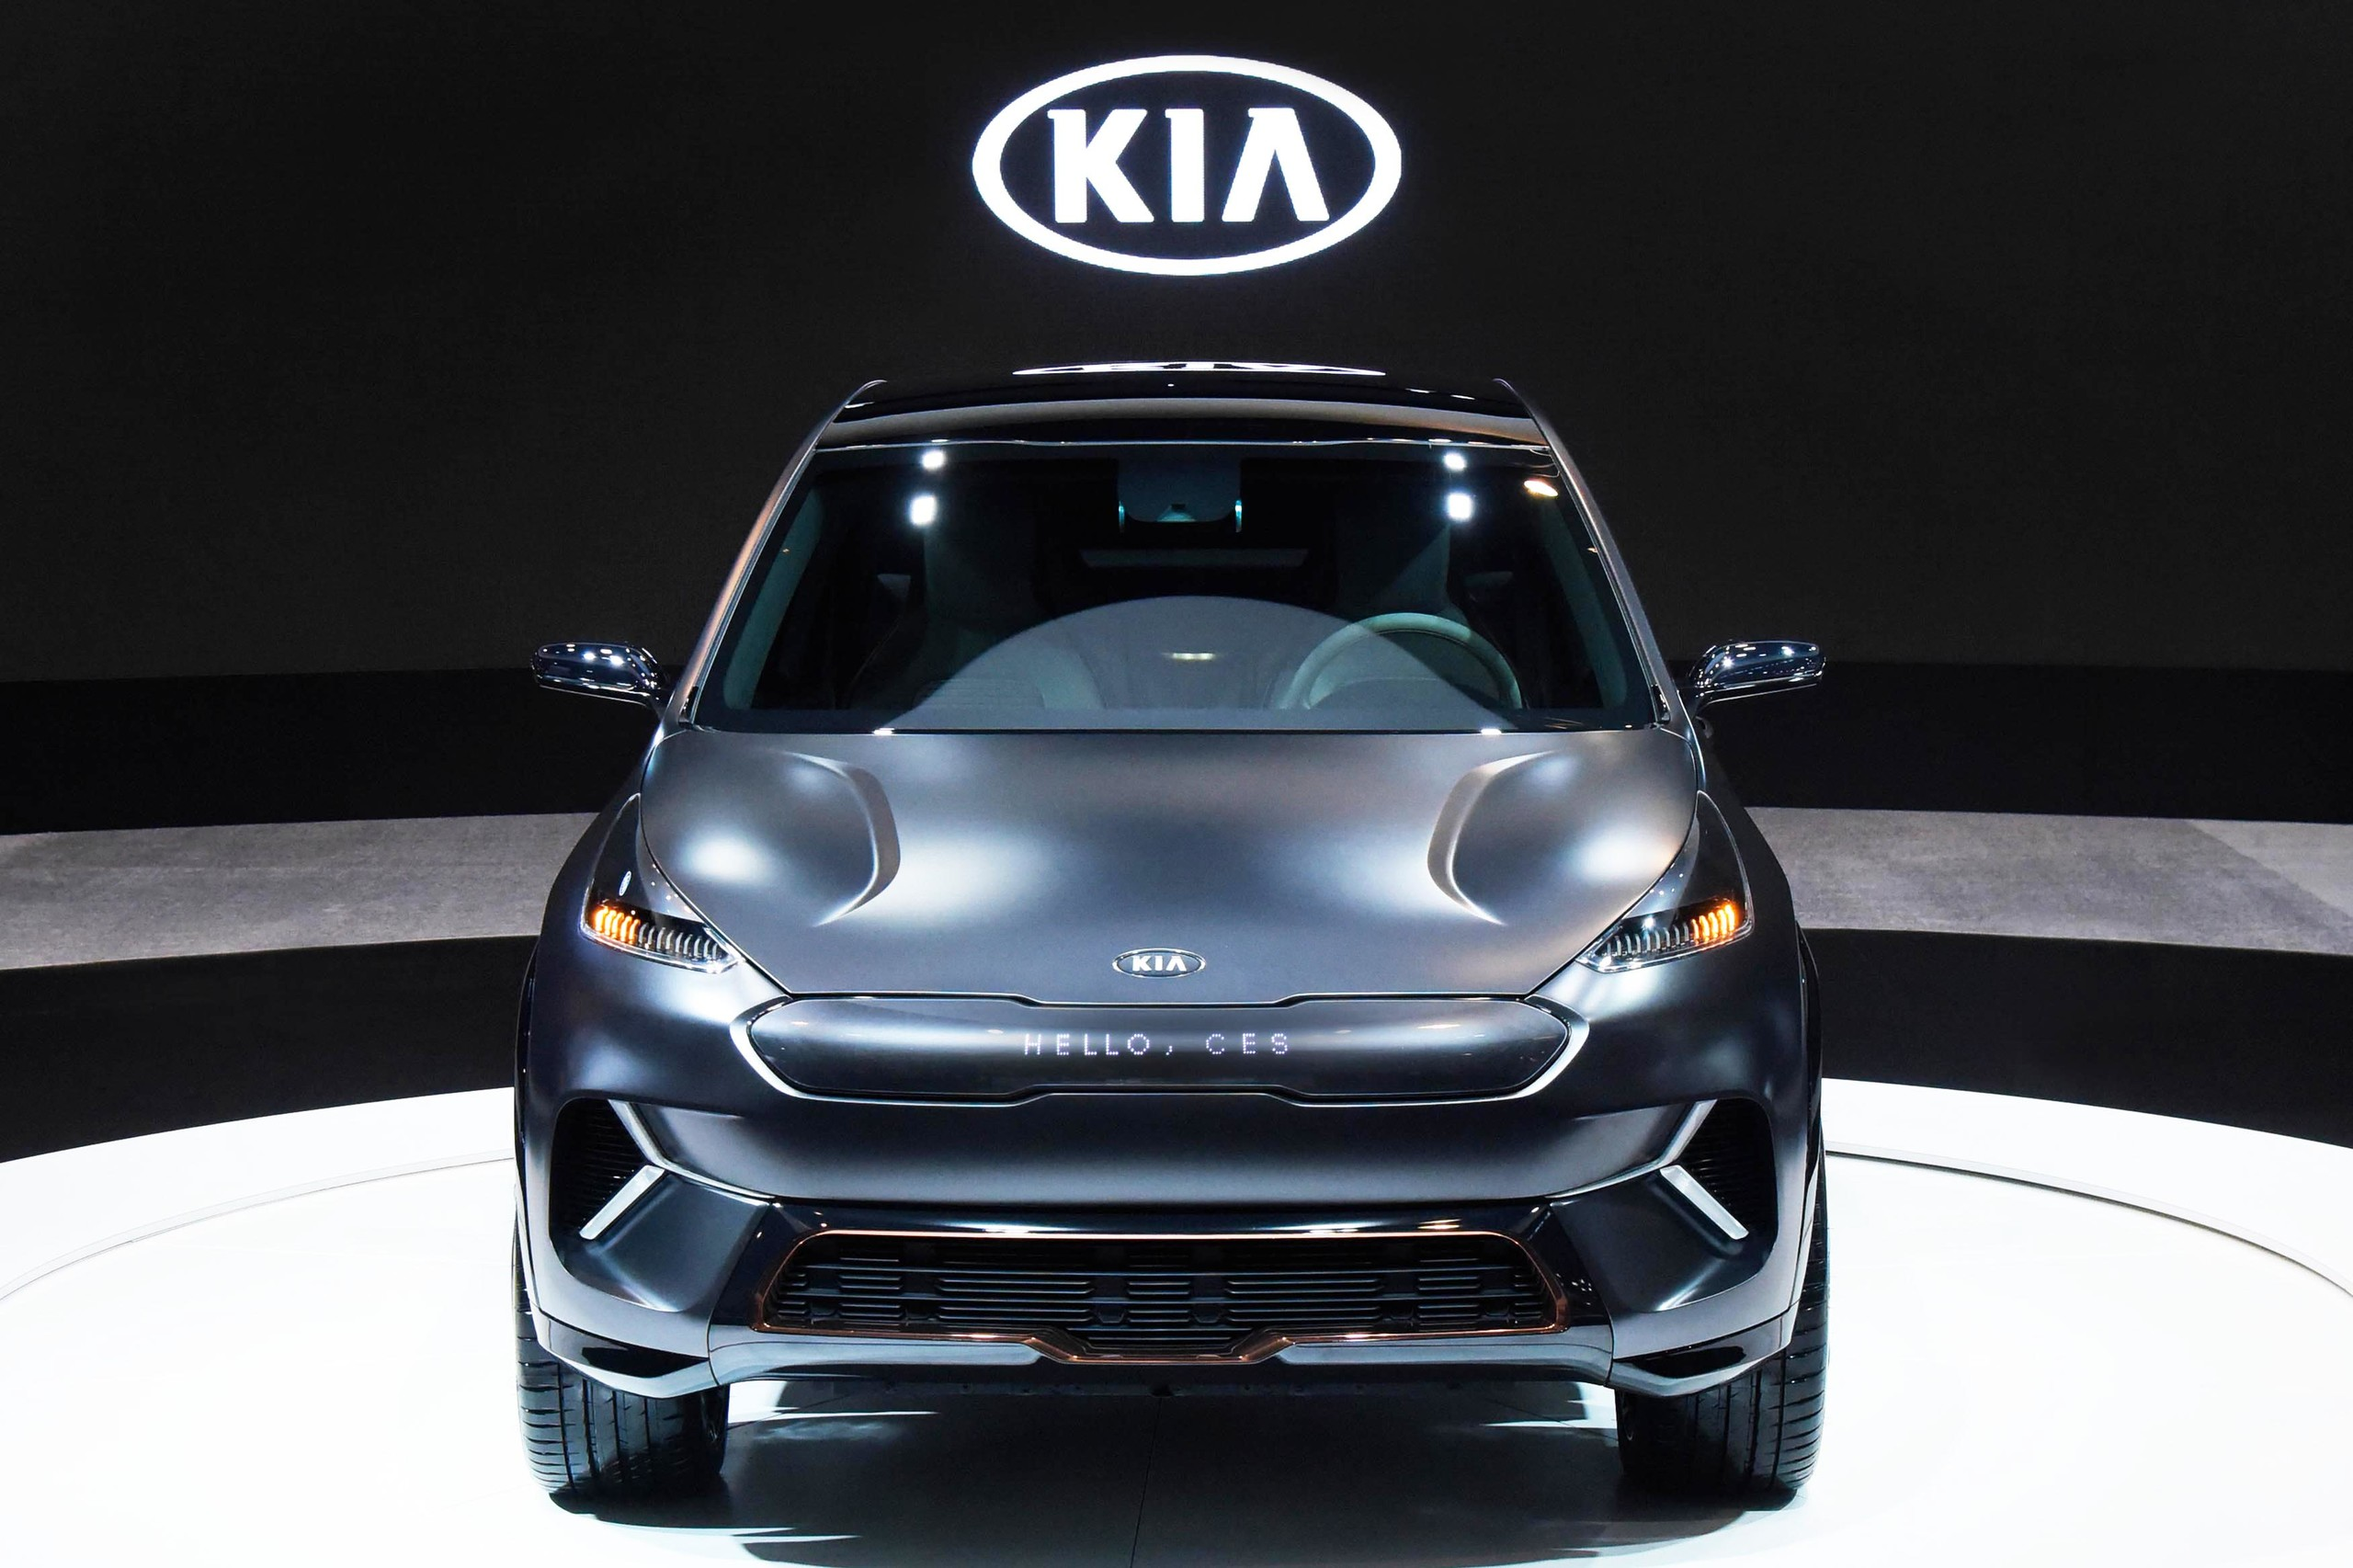 El KIA Niro eléctrico viene en camino